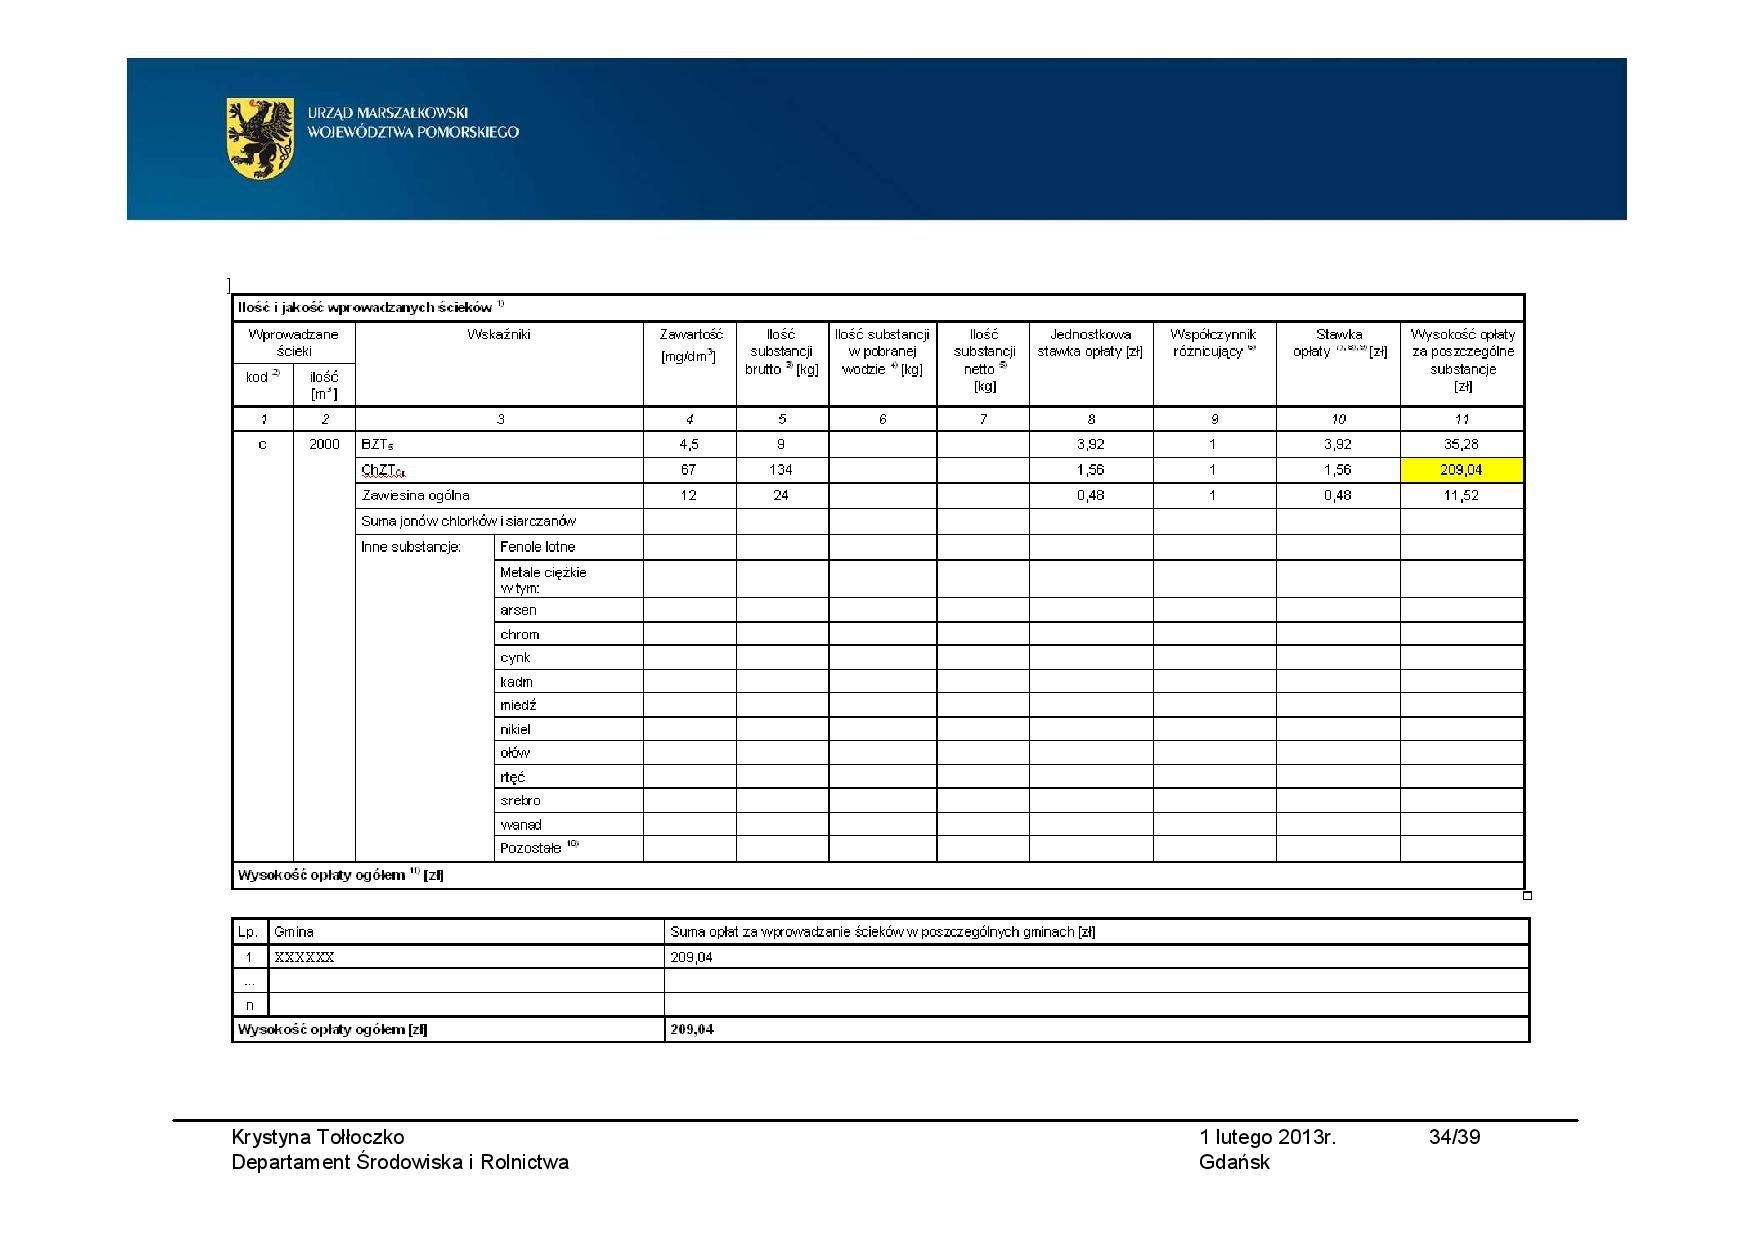 Ob. pracod. pozwolenia-page-034